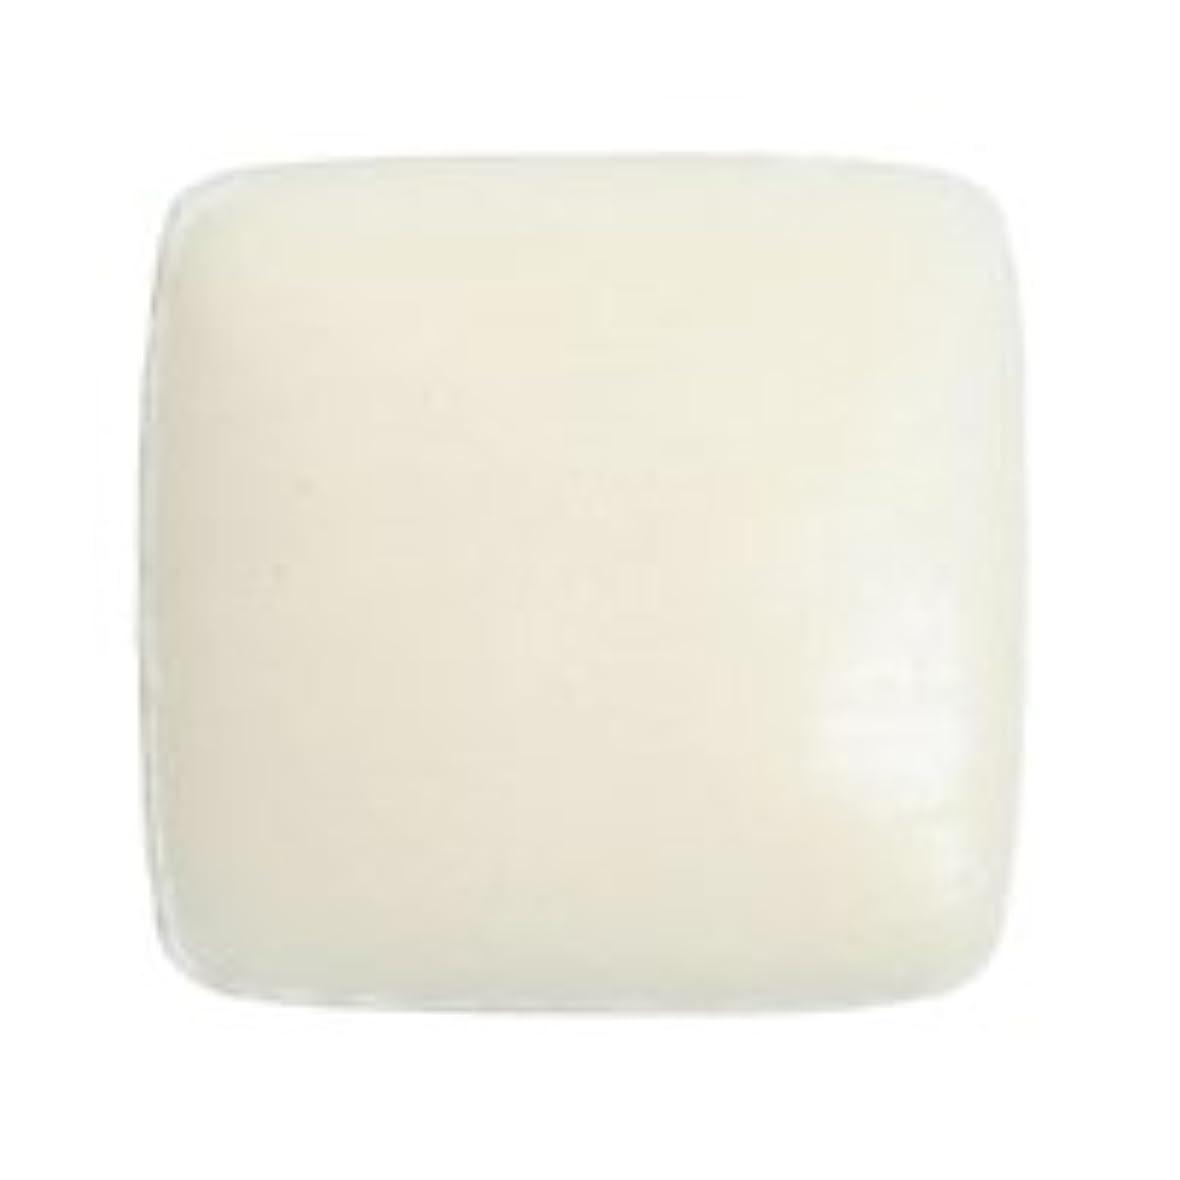 不条理戻す出会いドクターY ホワイトクレイソープ80g 固形石鹸